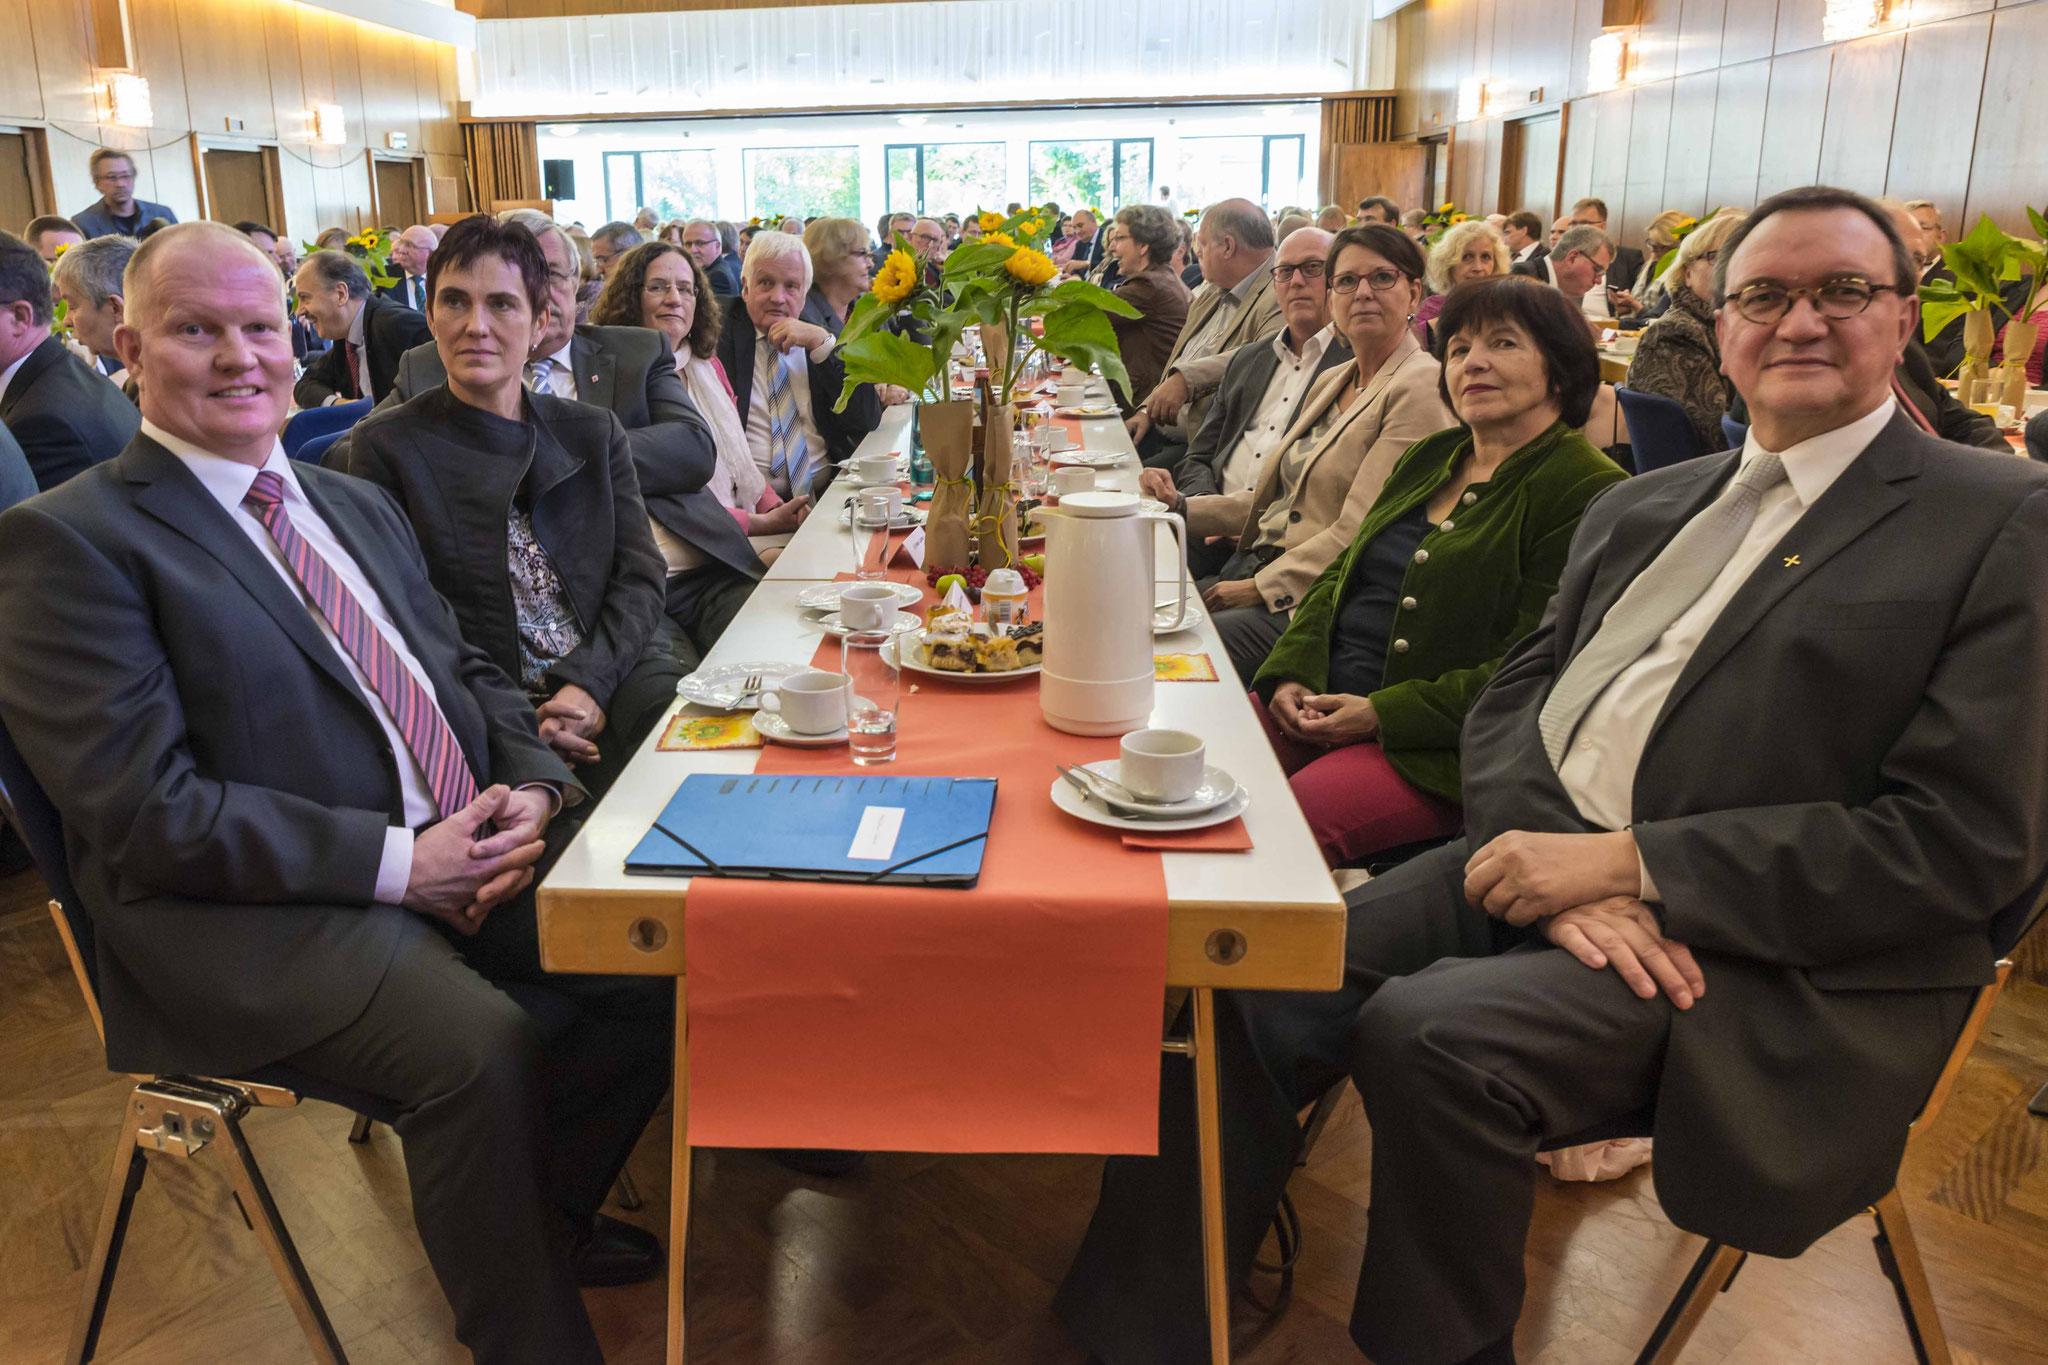 Bauernpräsident Karsten Schmal (links), Ministerin Priska Hinz (3.von rechts) und Bischof Prof. Dr. Martin Hein